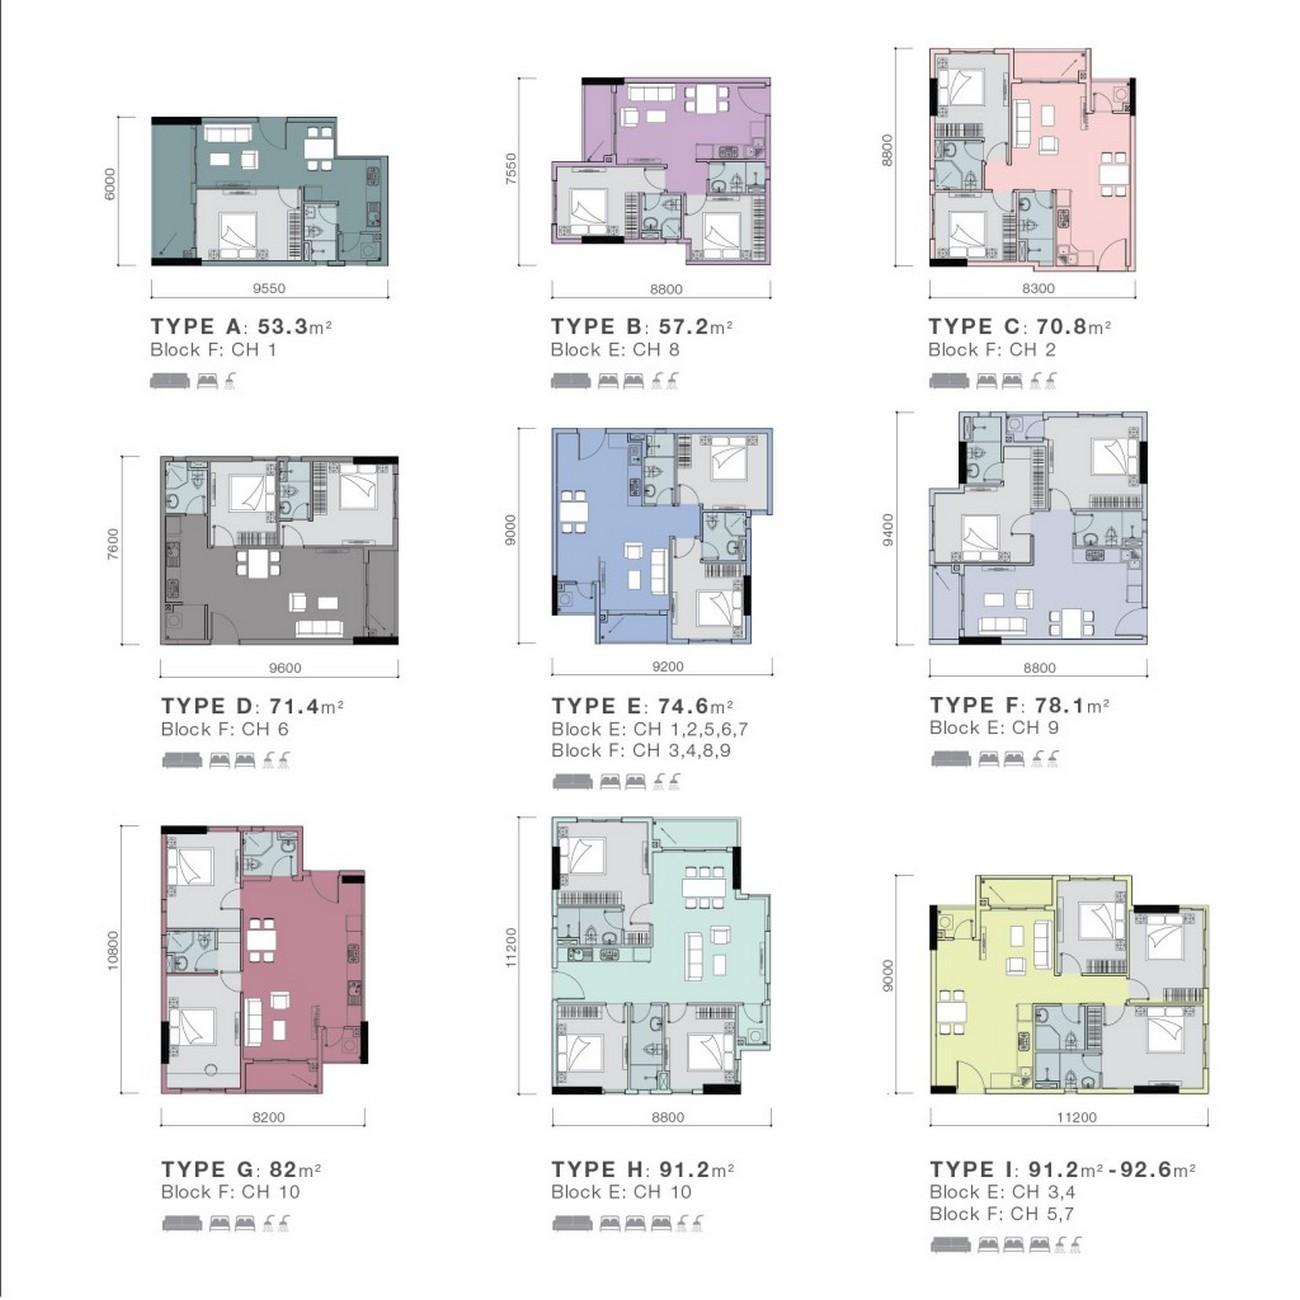 Thiết kế dự án căn hộ chung cư Park Vista Nhà Bè Đường Nguyễn Hữu Thọ chủ đầu tư Đông Mê Kông